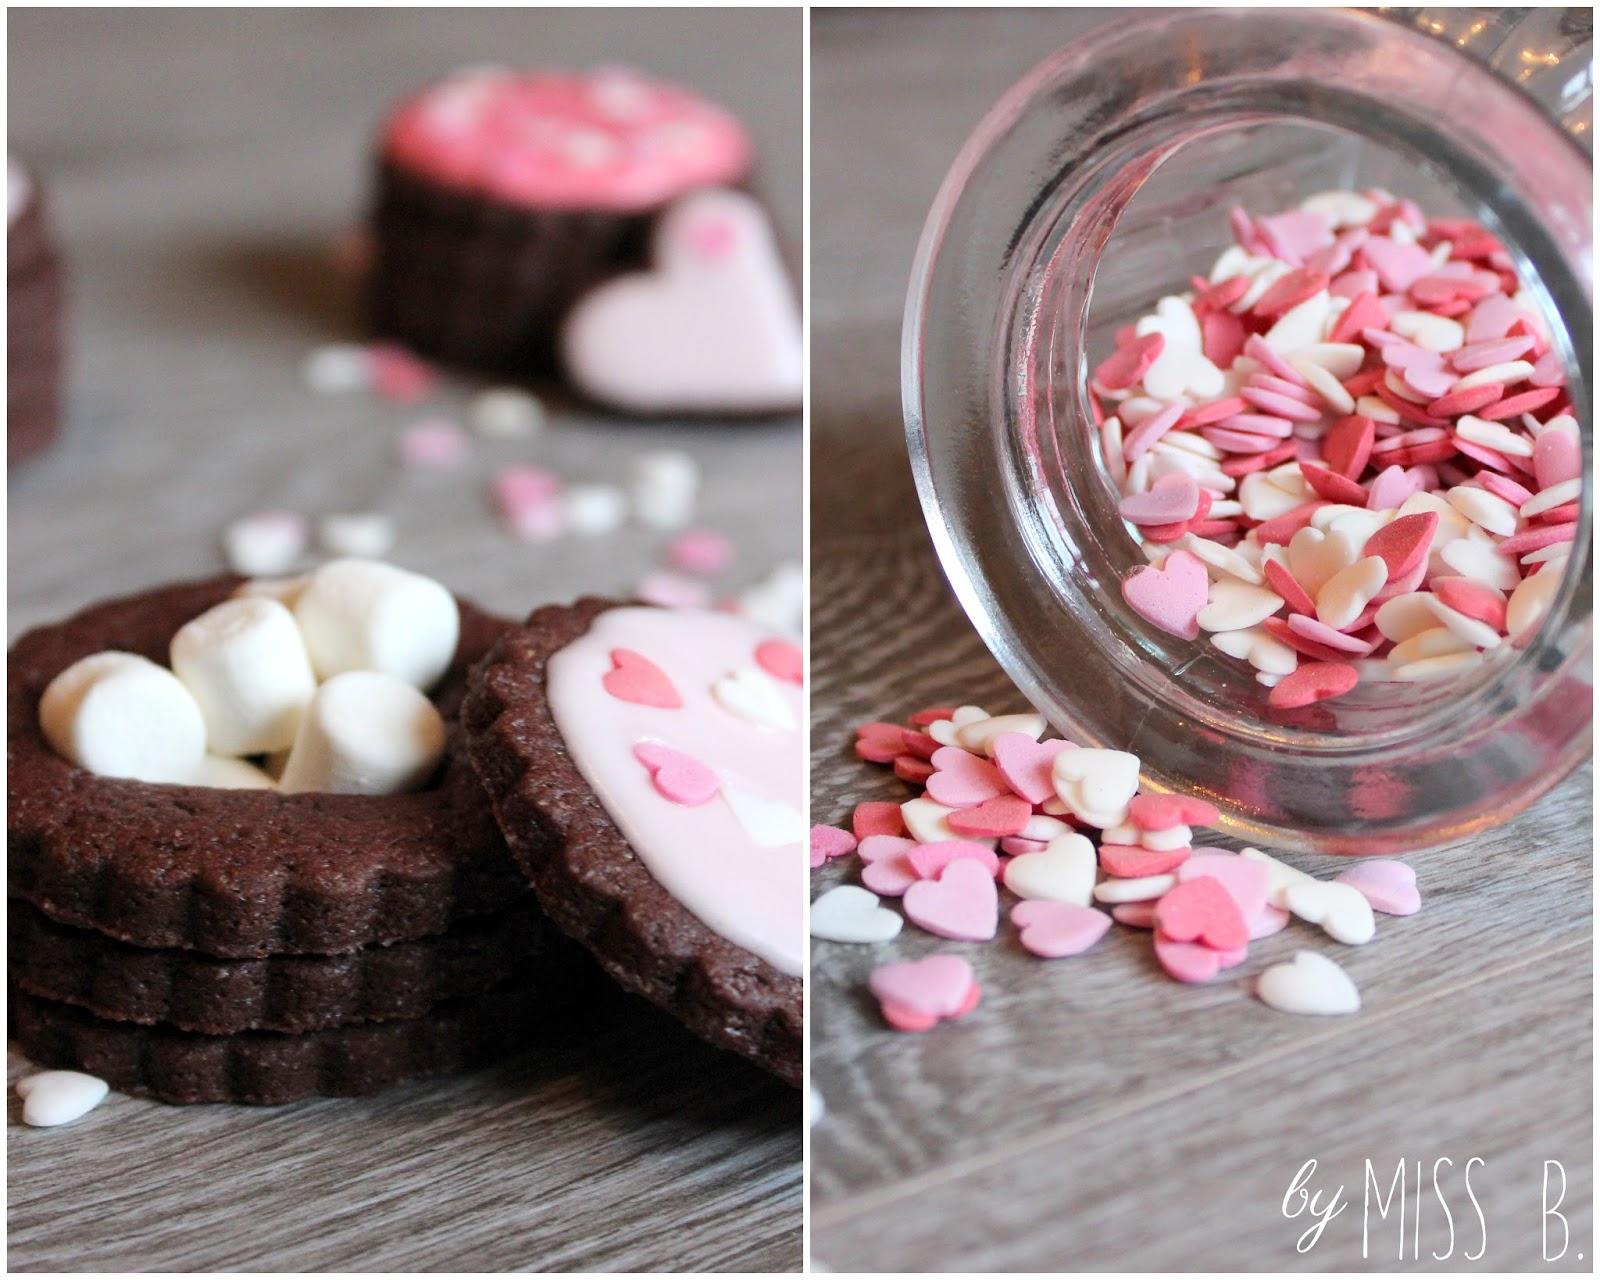 Die 10 Schönsten Ideen Zum Valentinstag: Pinata Cookies Zum Valentinstag